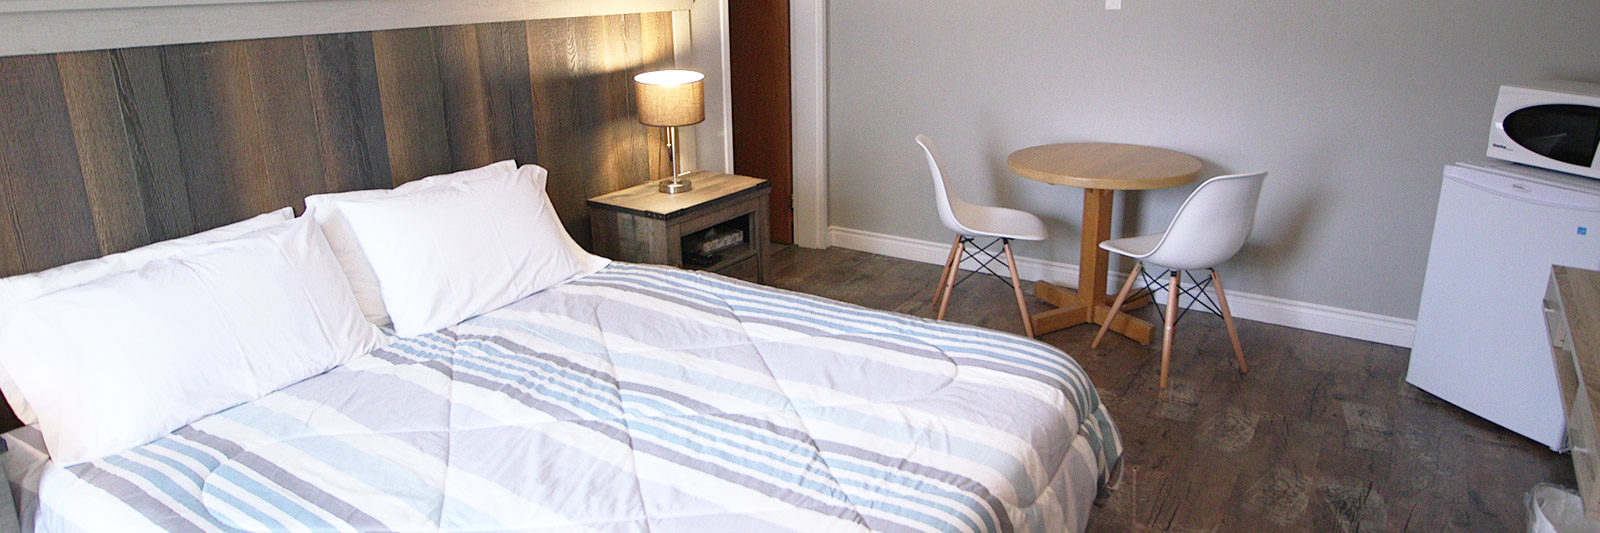 Motel La Source chambre 24